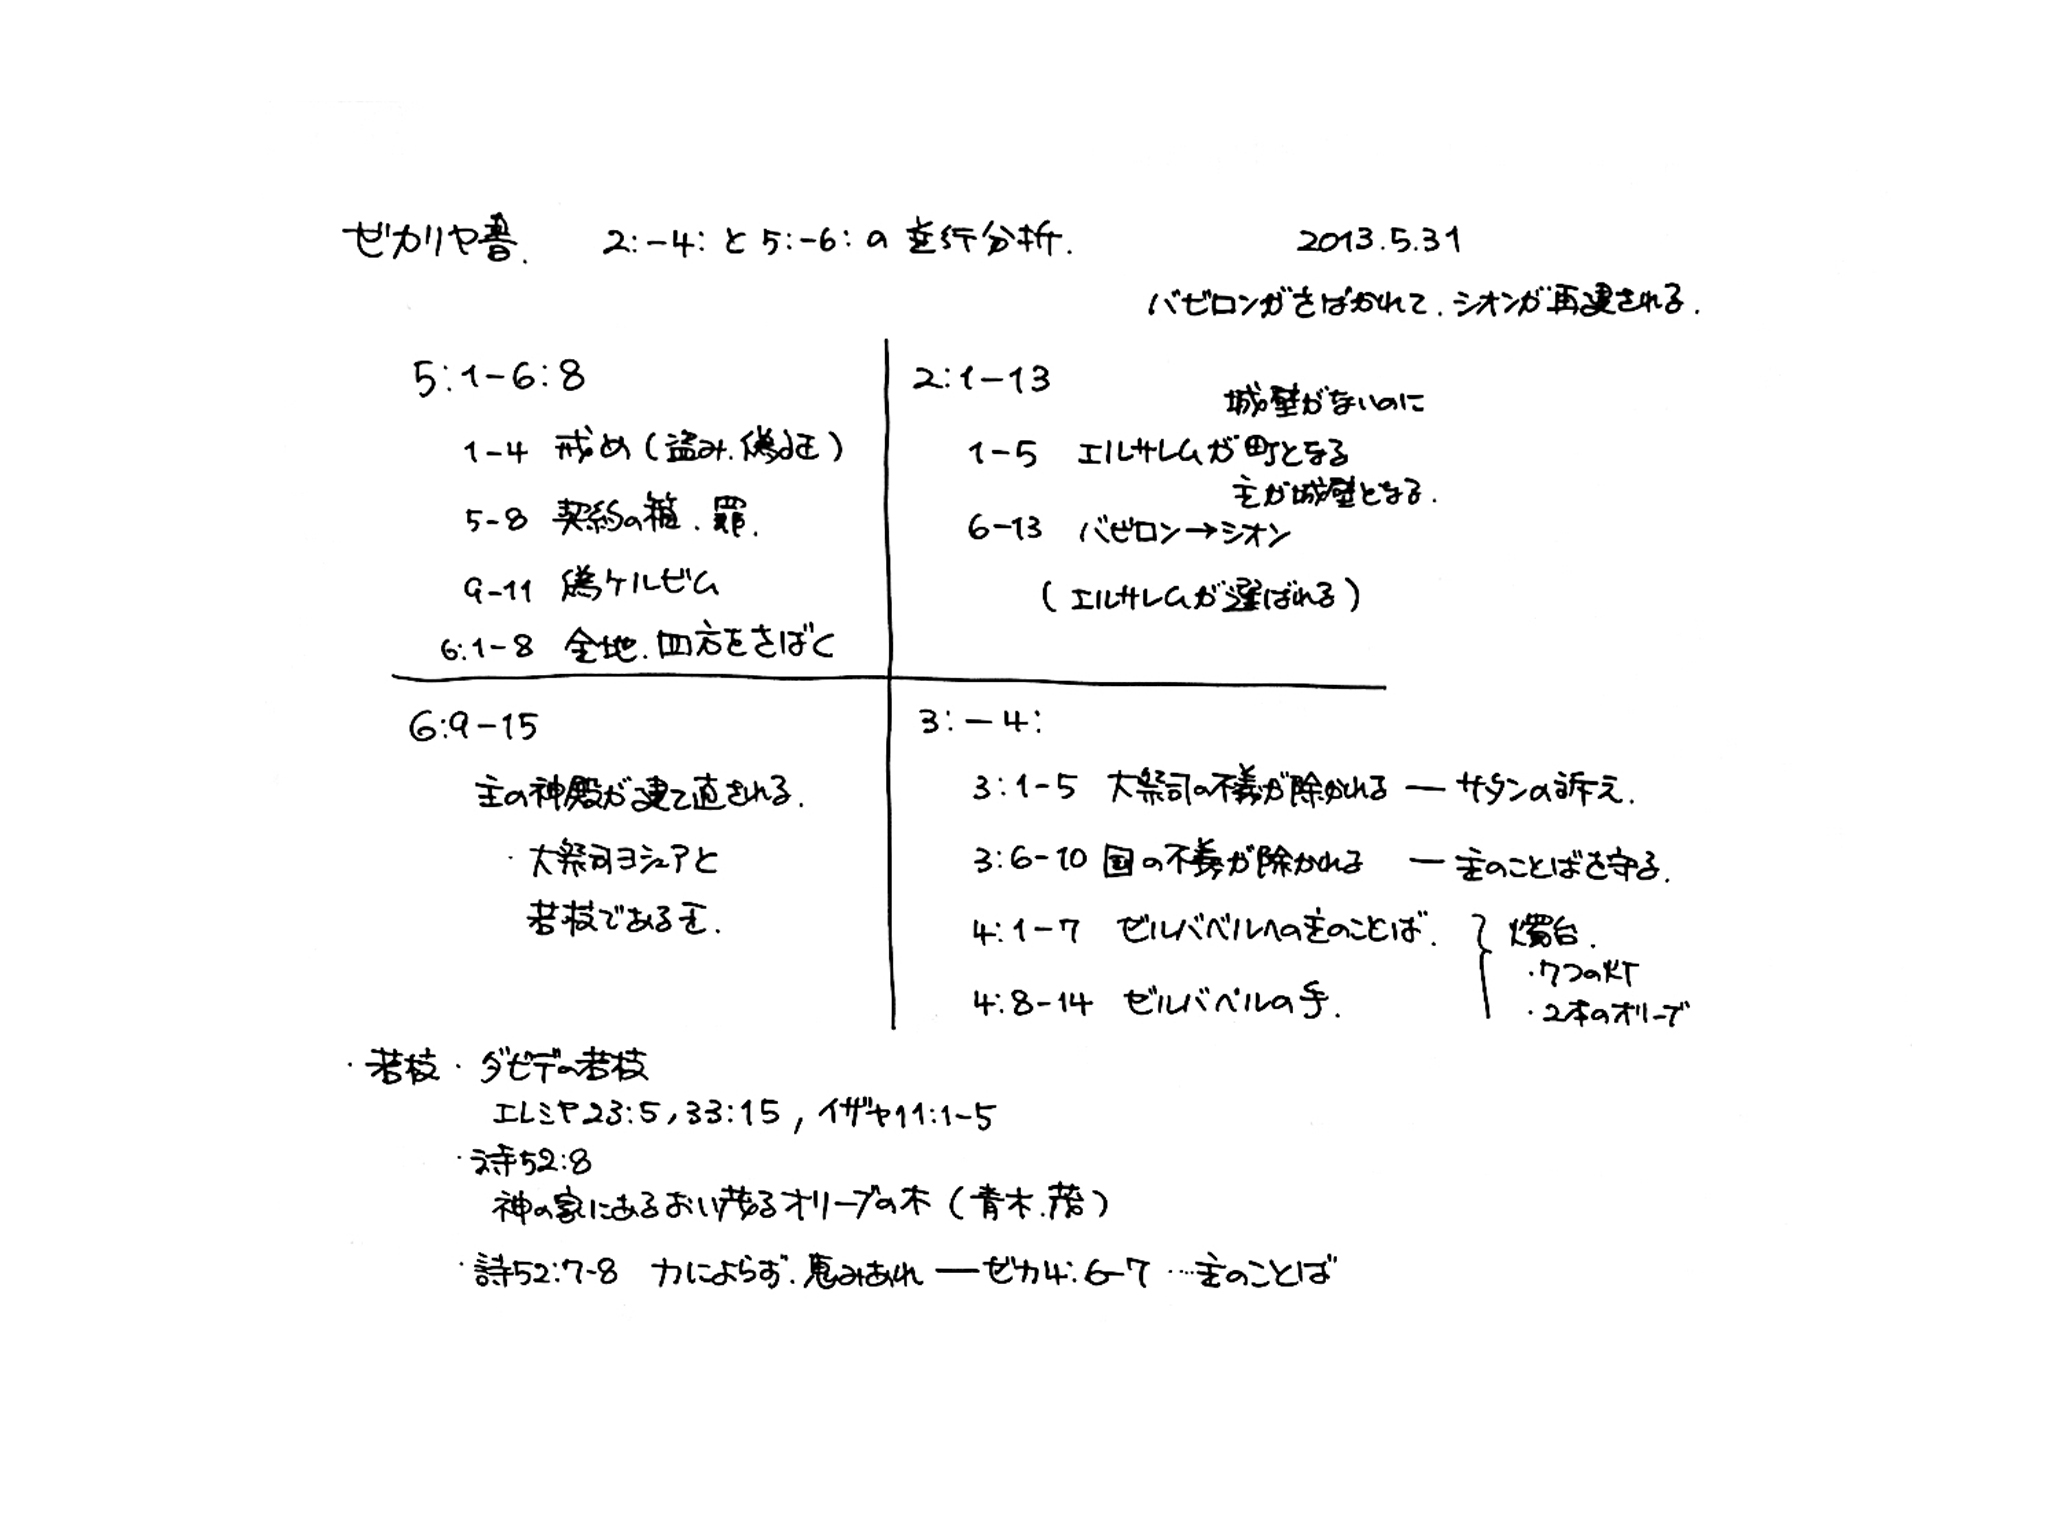 ゼカリヤ書 1-14章の構造分析